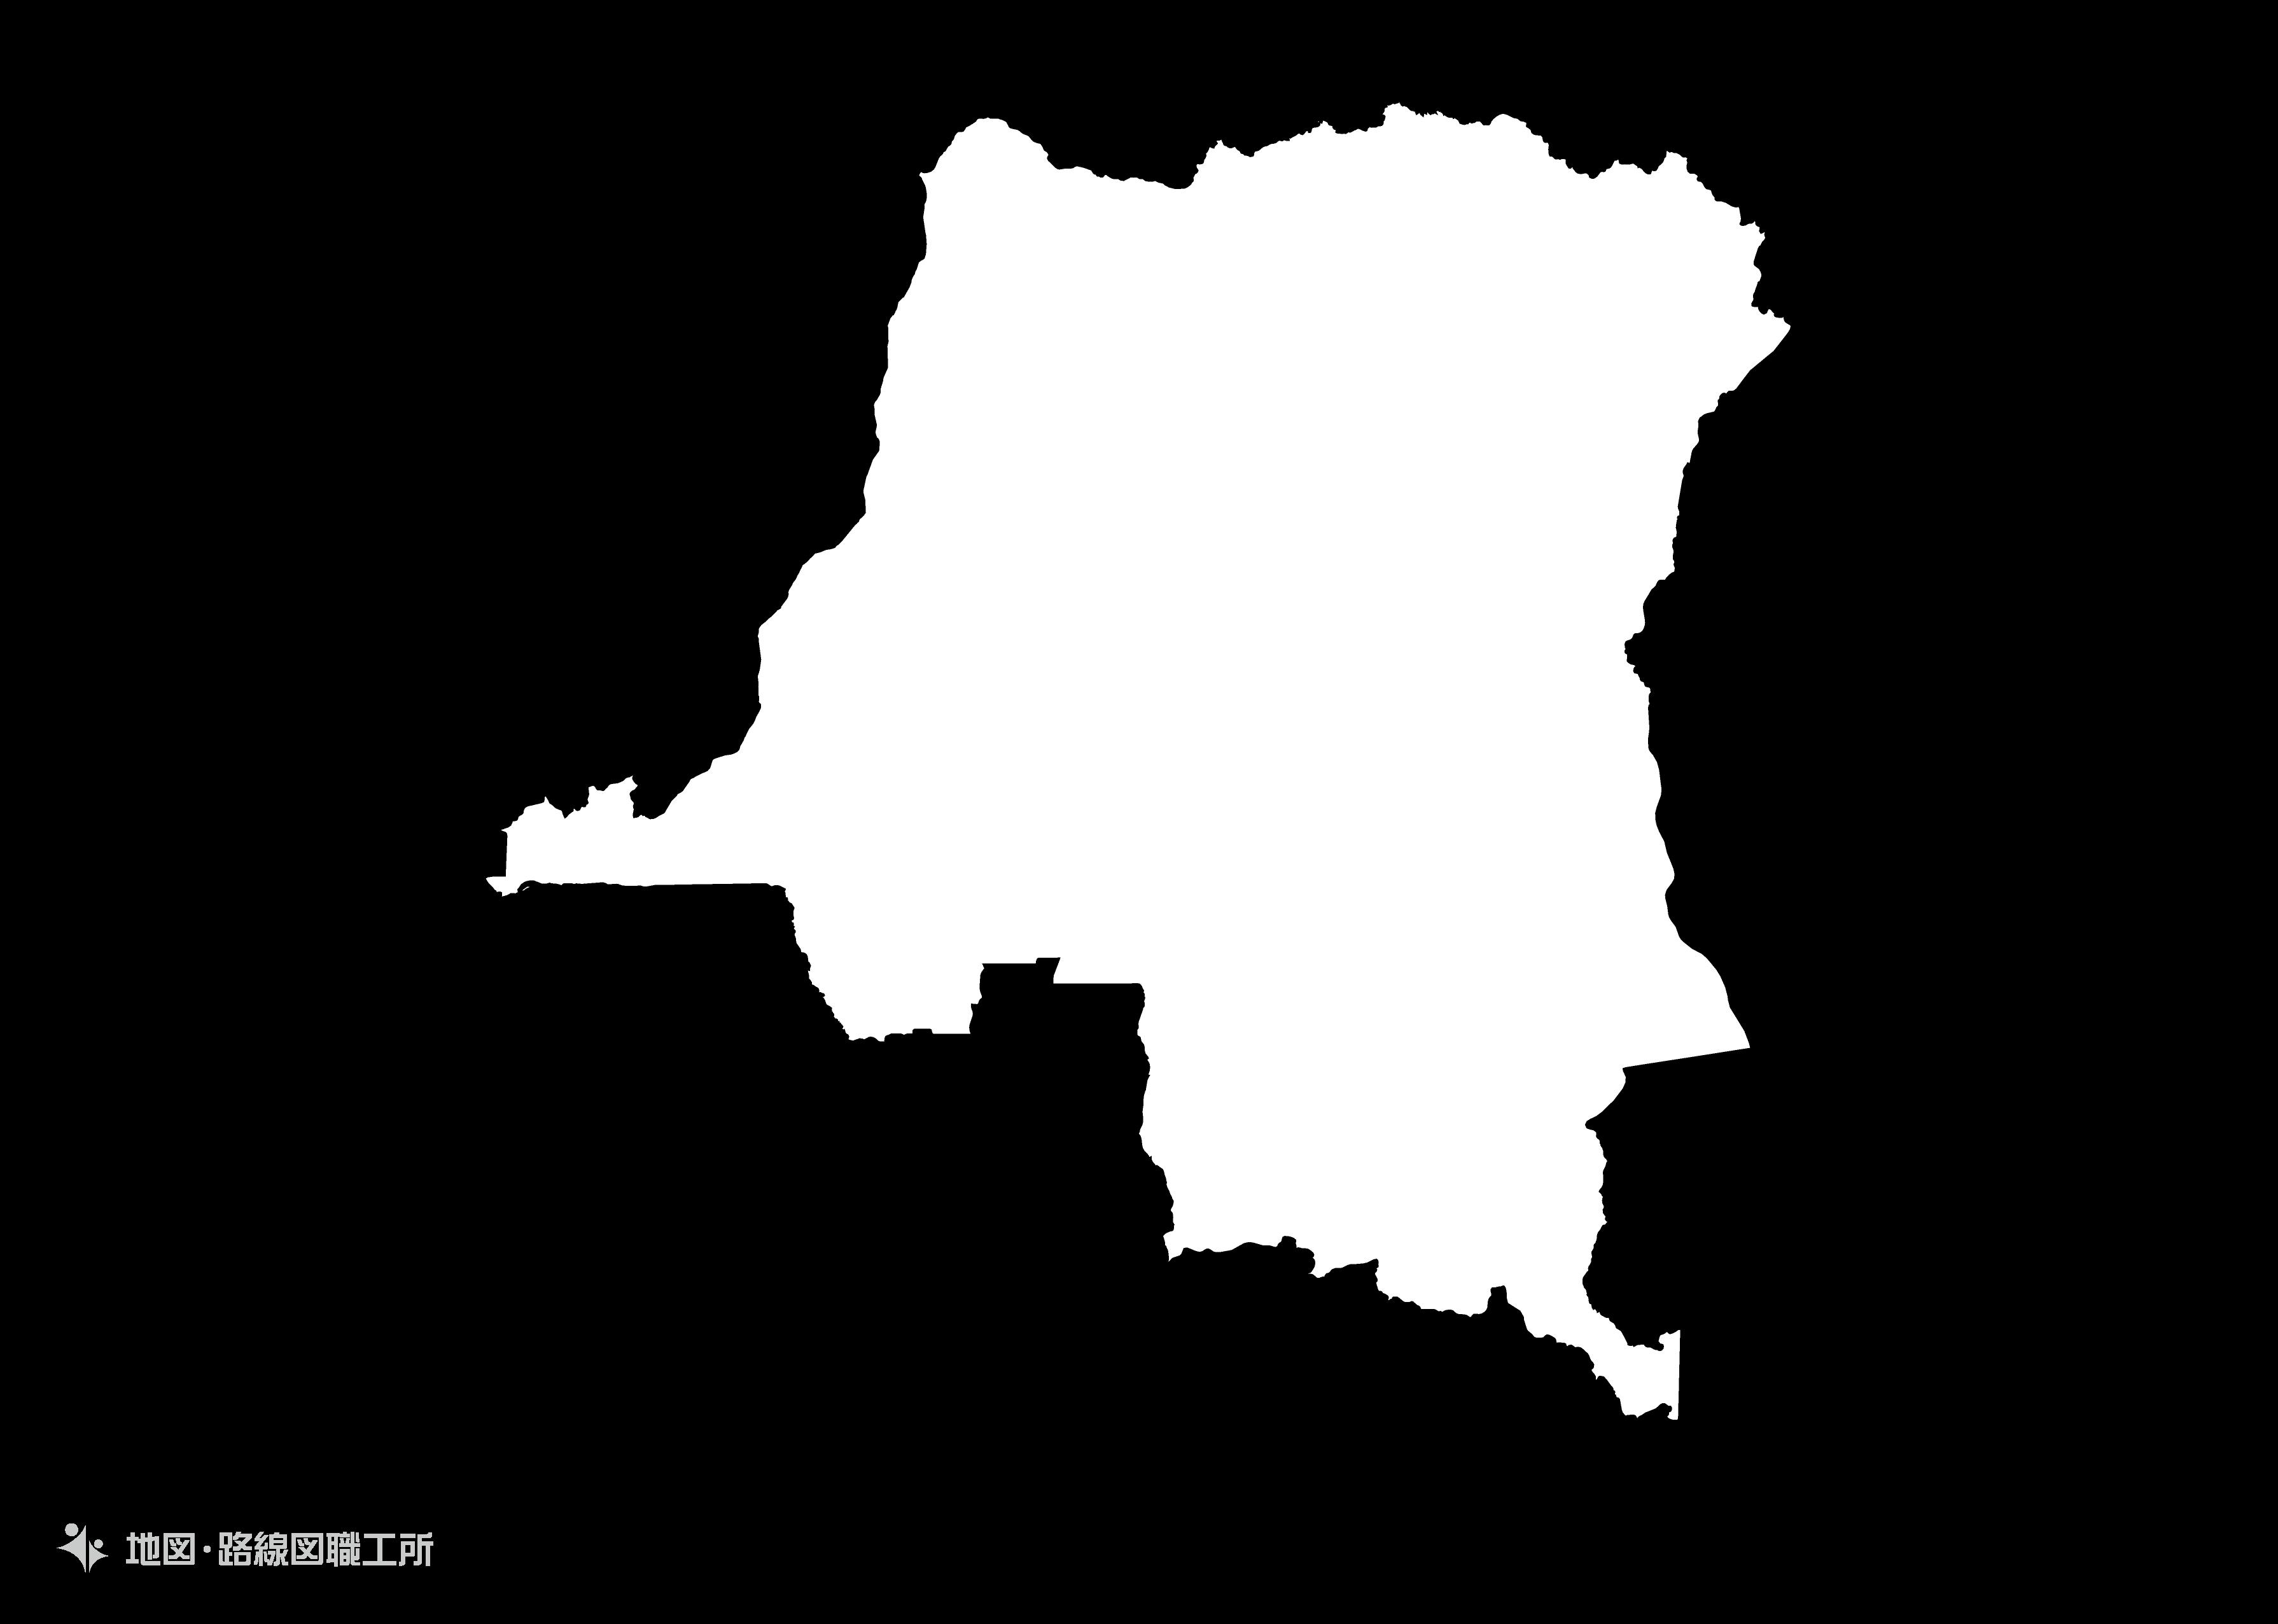 世界の白地図 コンゴ民主共和国 democratic-republic-of-the-congo map